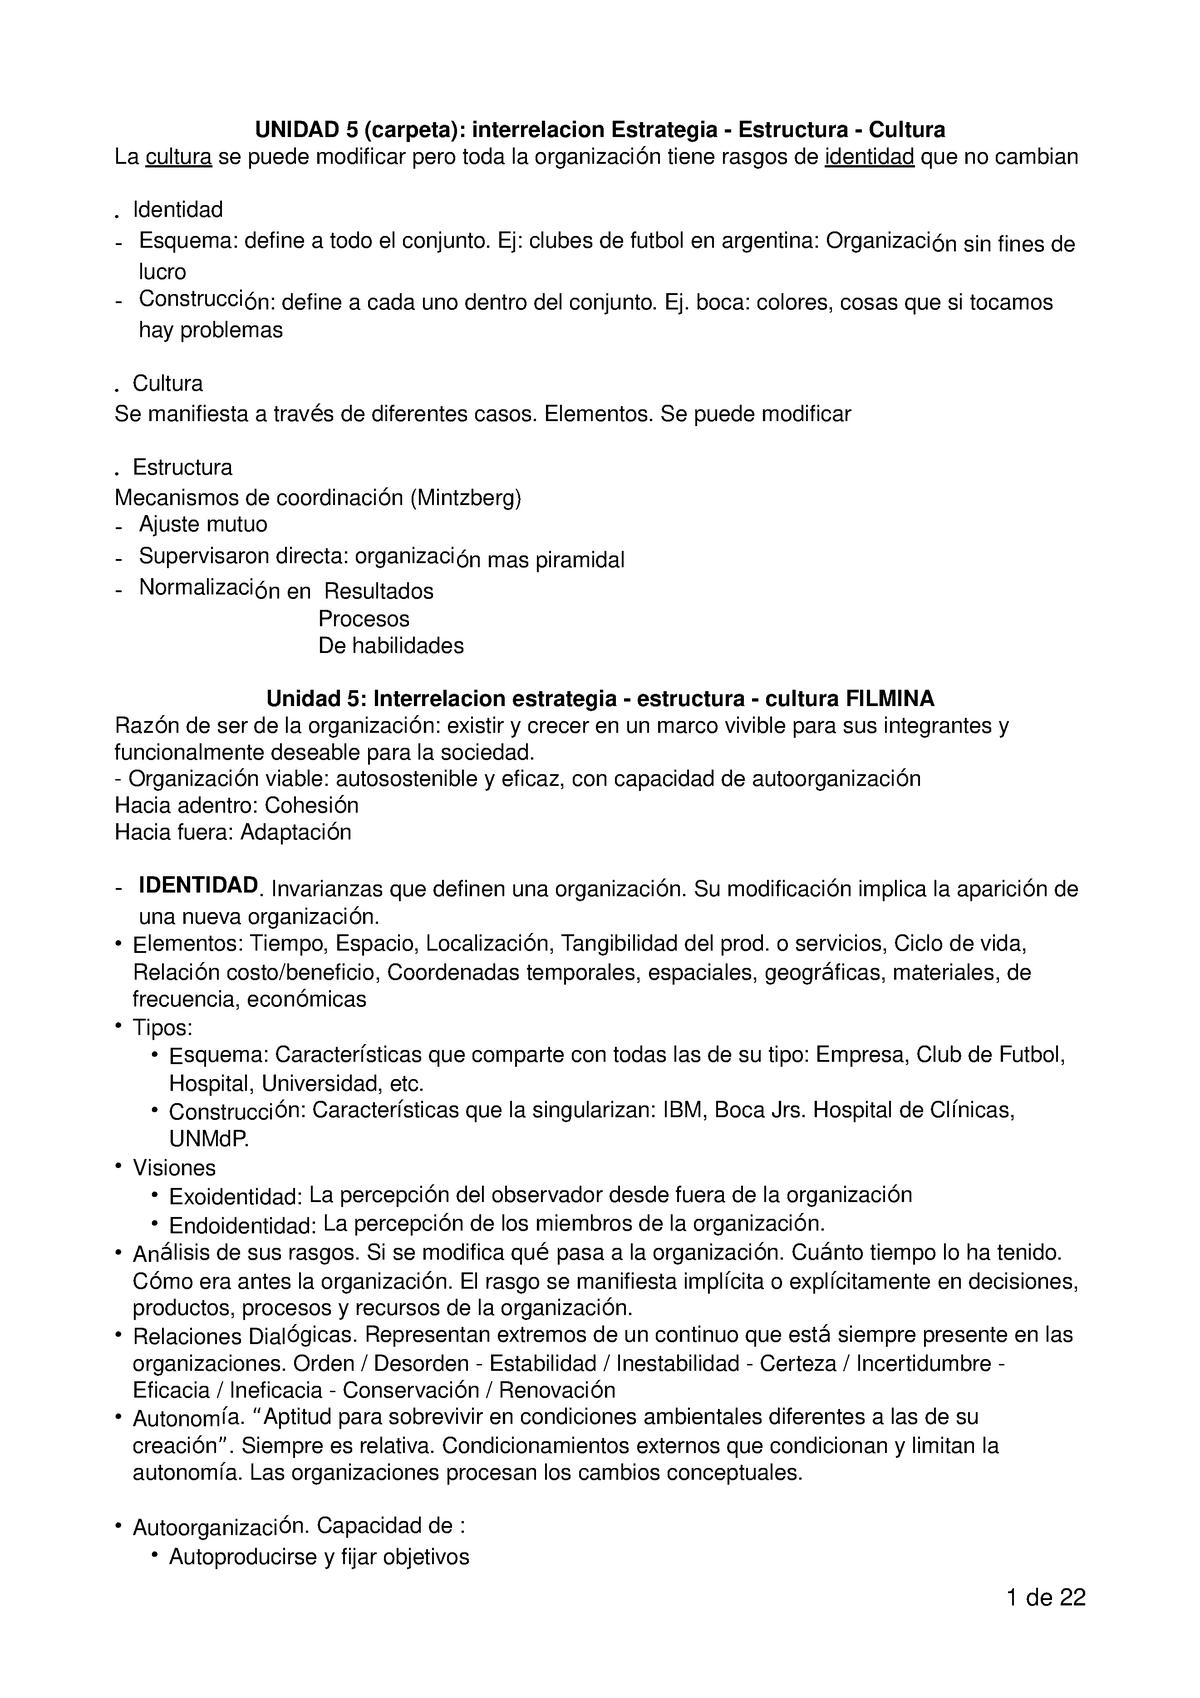 Conduccion Resumen 2 Parcial 540 Unmdp Studocu